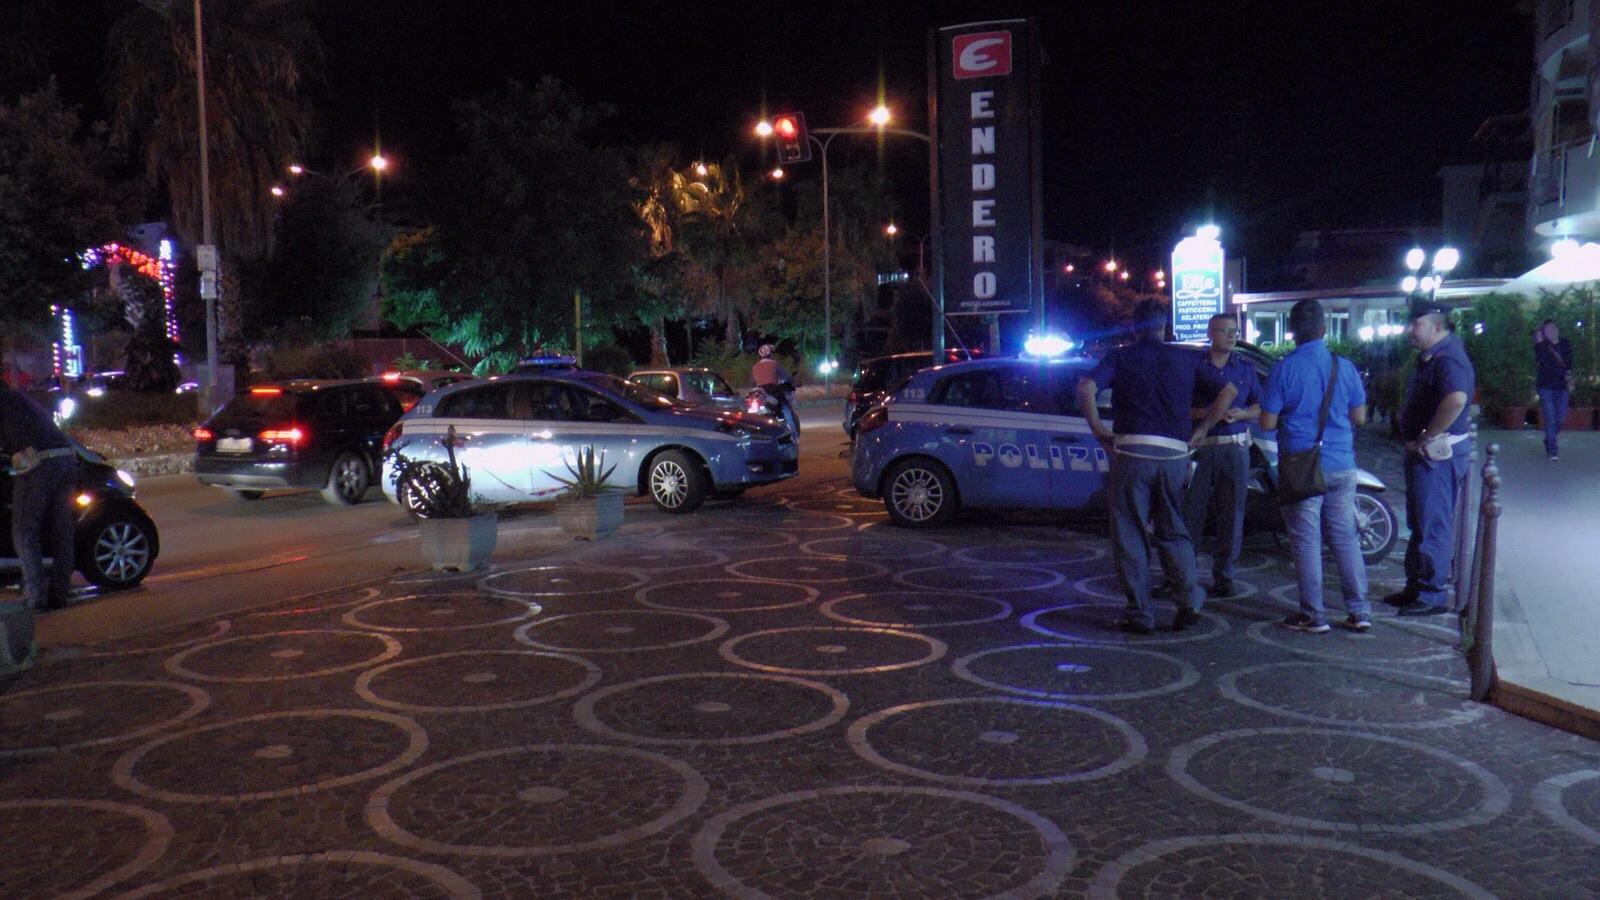 Poliziotto fuori servizio sventa rapina a Villaricca